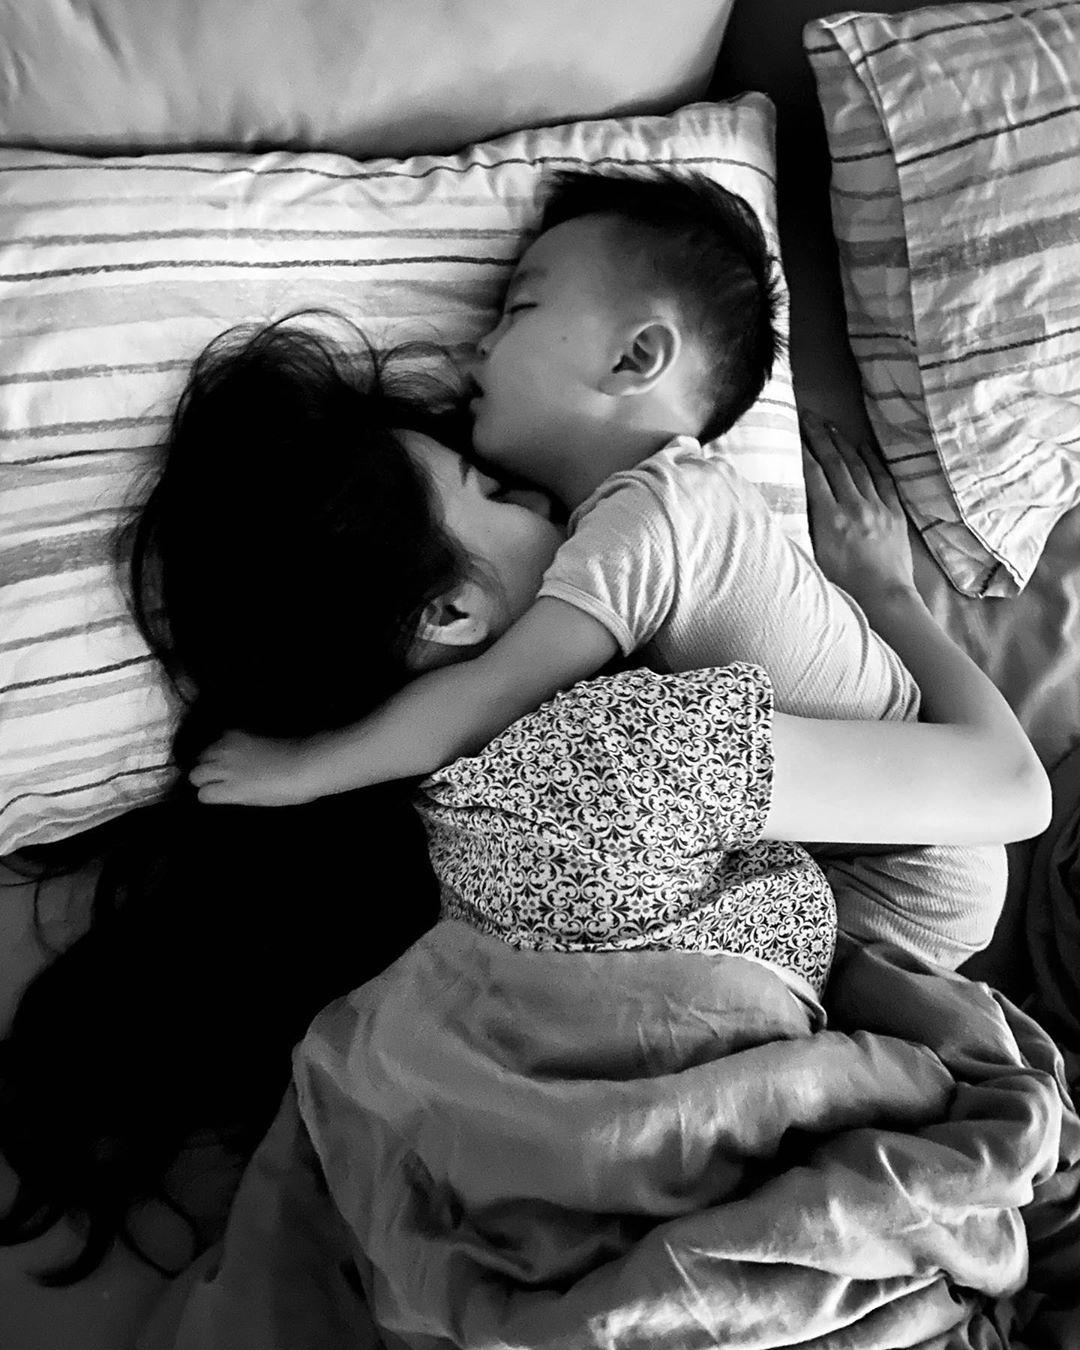 """Kiều Oanh kể chuyện bị con đạp, gác chân lúc ngủ nhưng đều tha thứ hết khi nghe con nói """"yêu mẹ""""."""